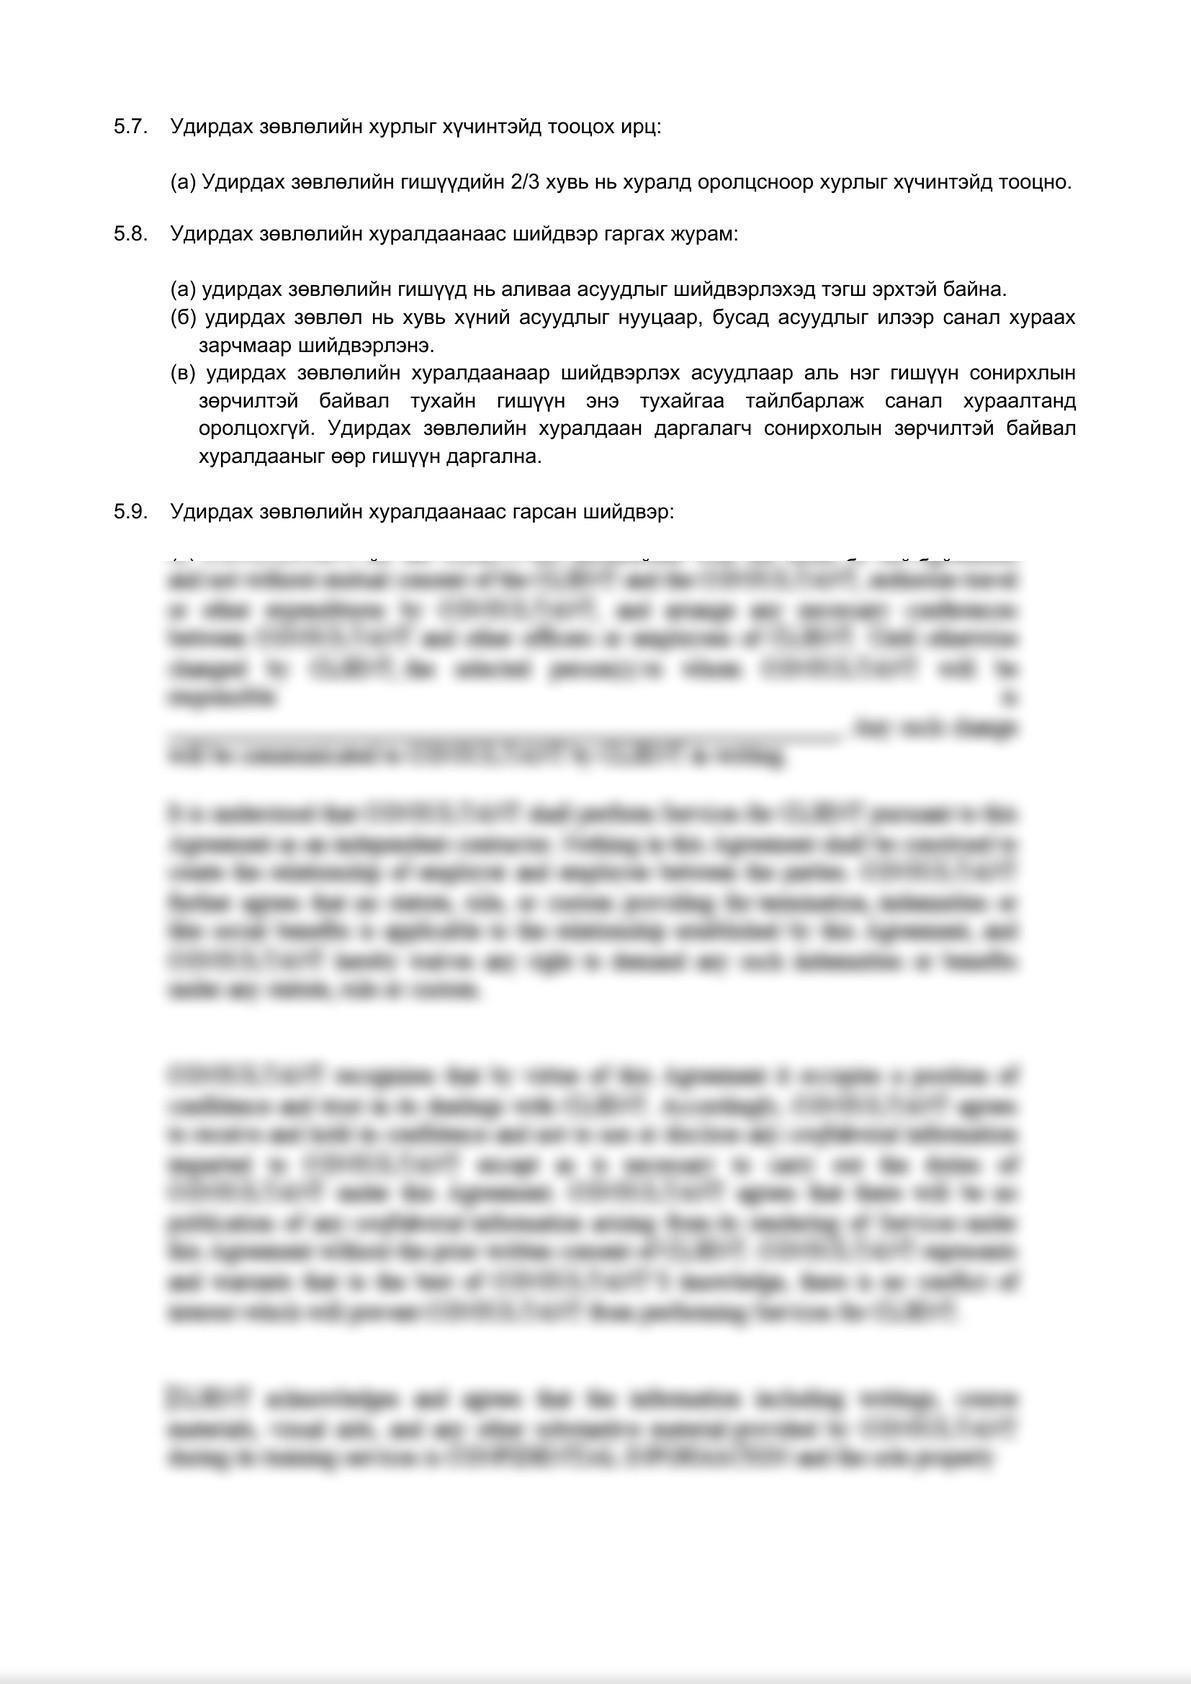 Төрийн бус байгууллагын дүрмийн төсөл-2